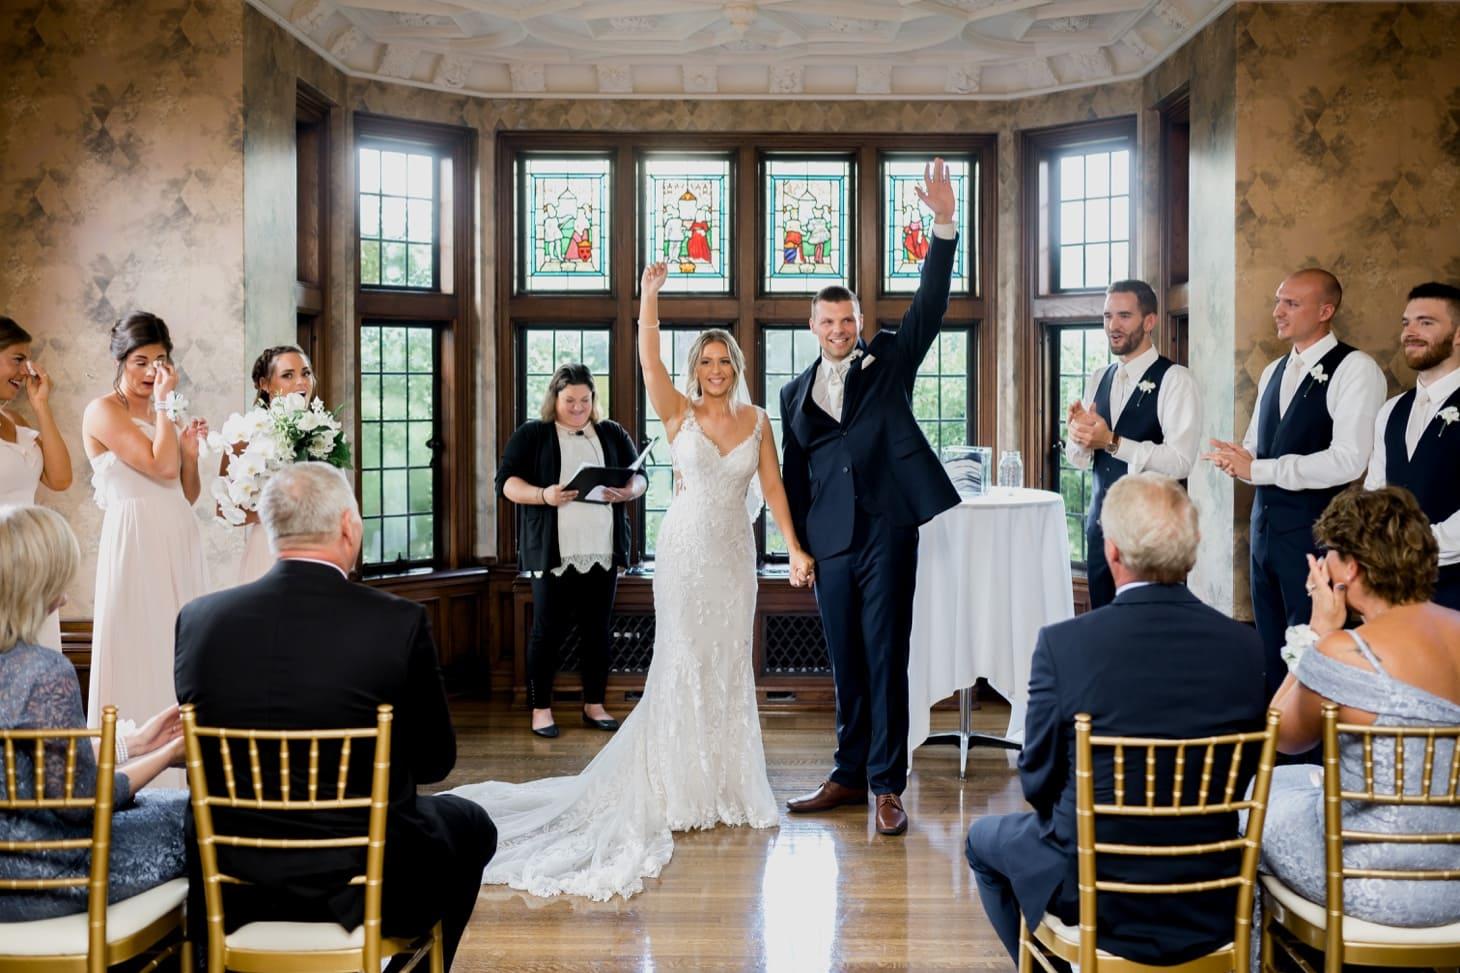 bride and groom wedding exit rollins mansion wedding